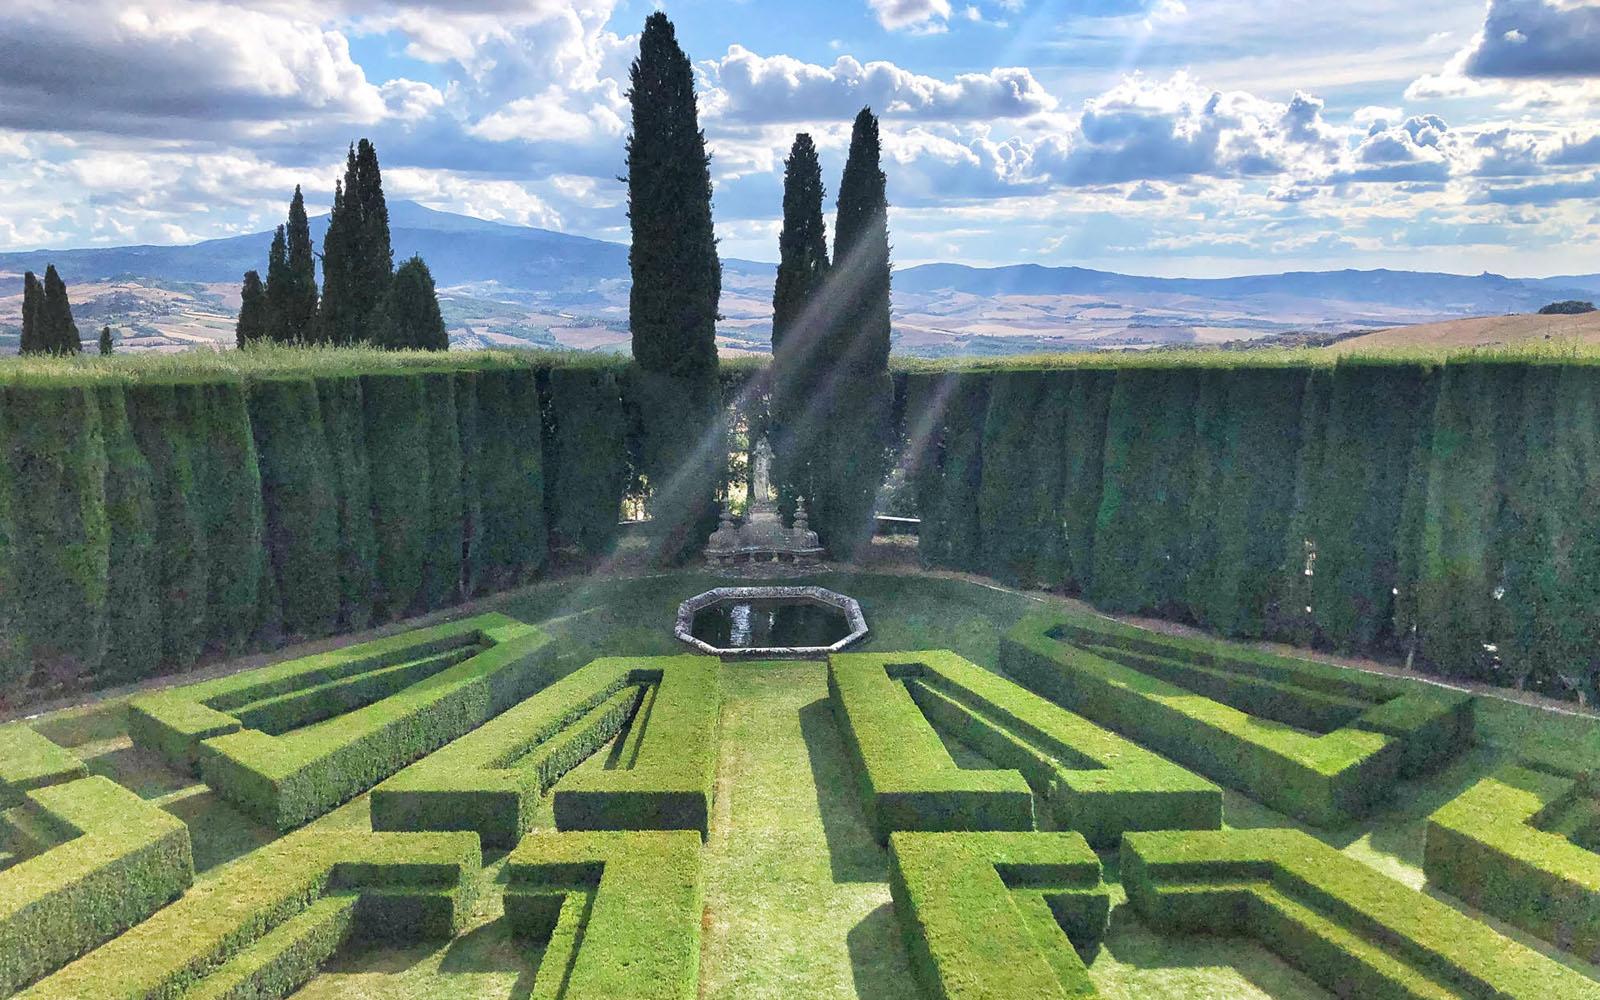 Il labirinto de la Foce, in Toscana. © oltreilbalcone